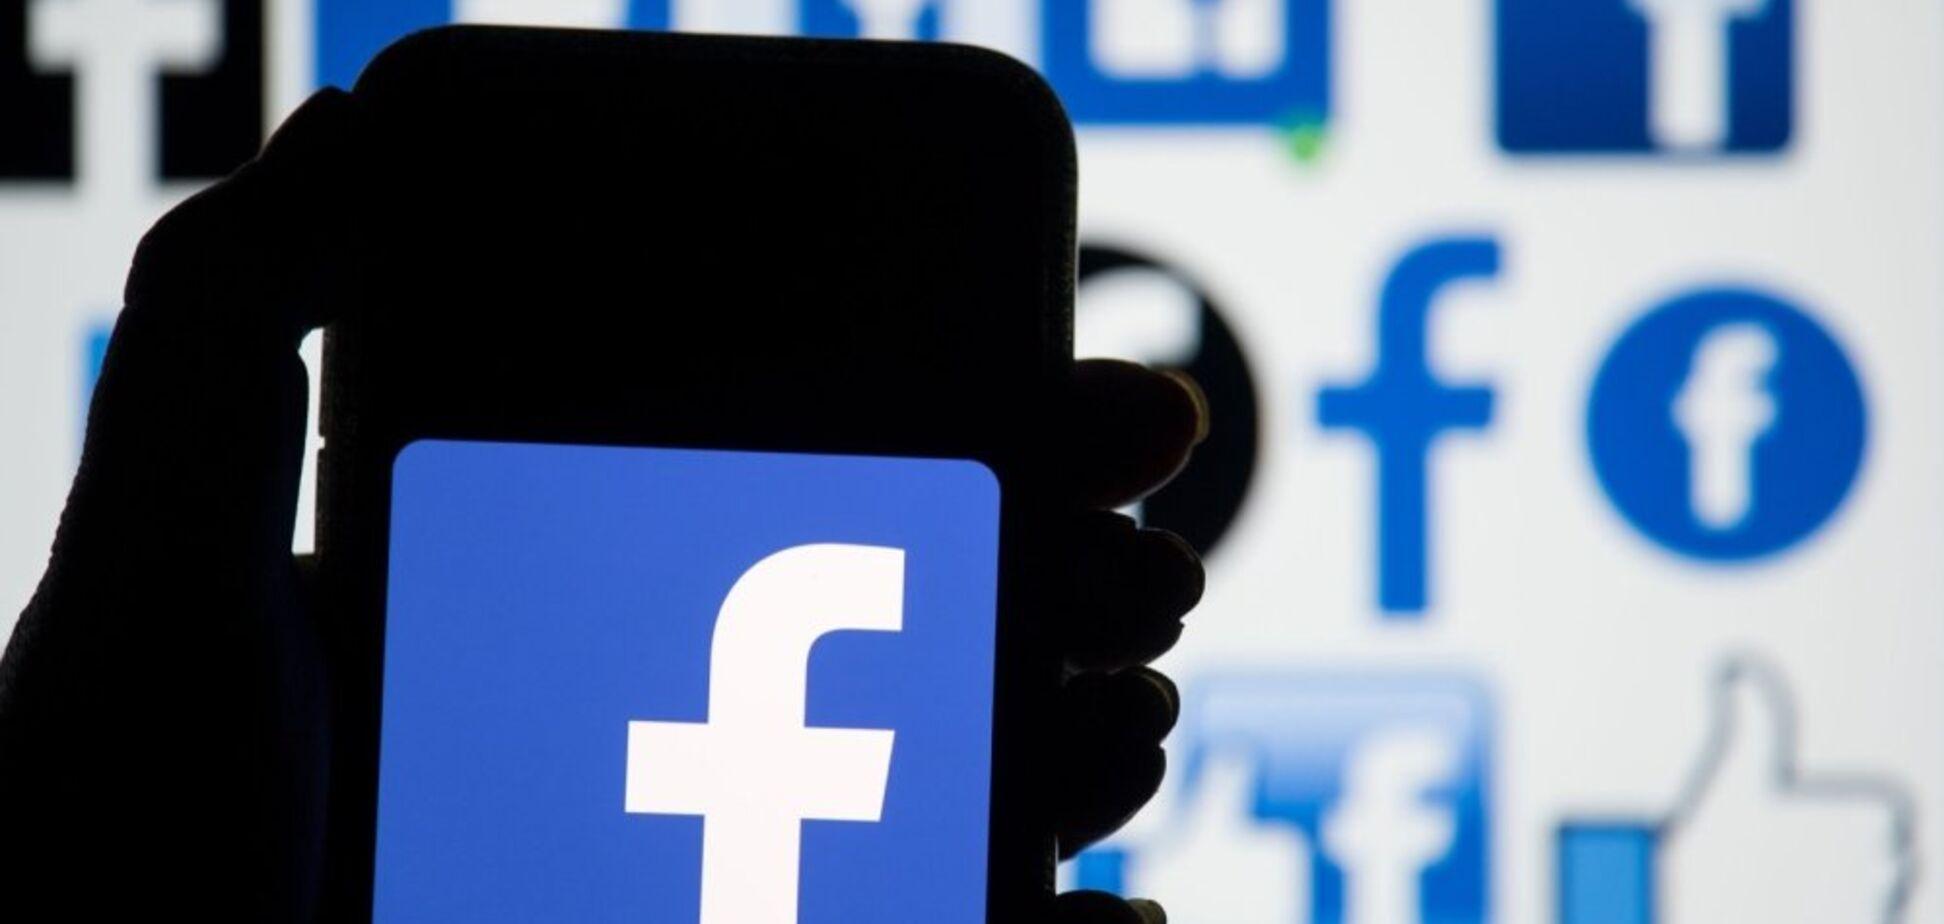 Підтримка терористів РФ у Facebook: представники соцмережі дали пояснення Україні